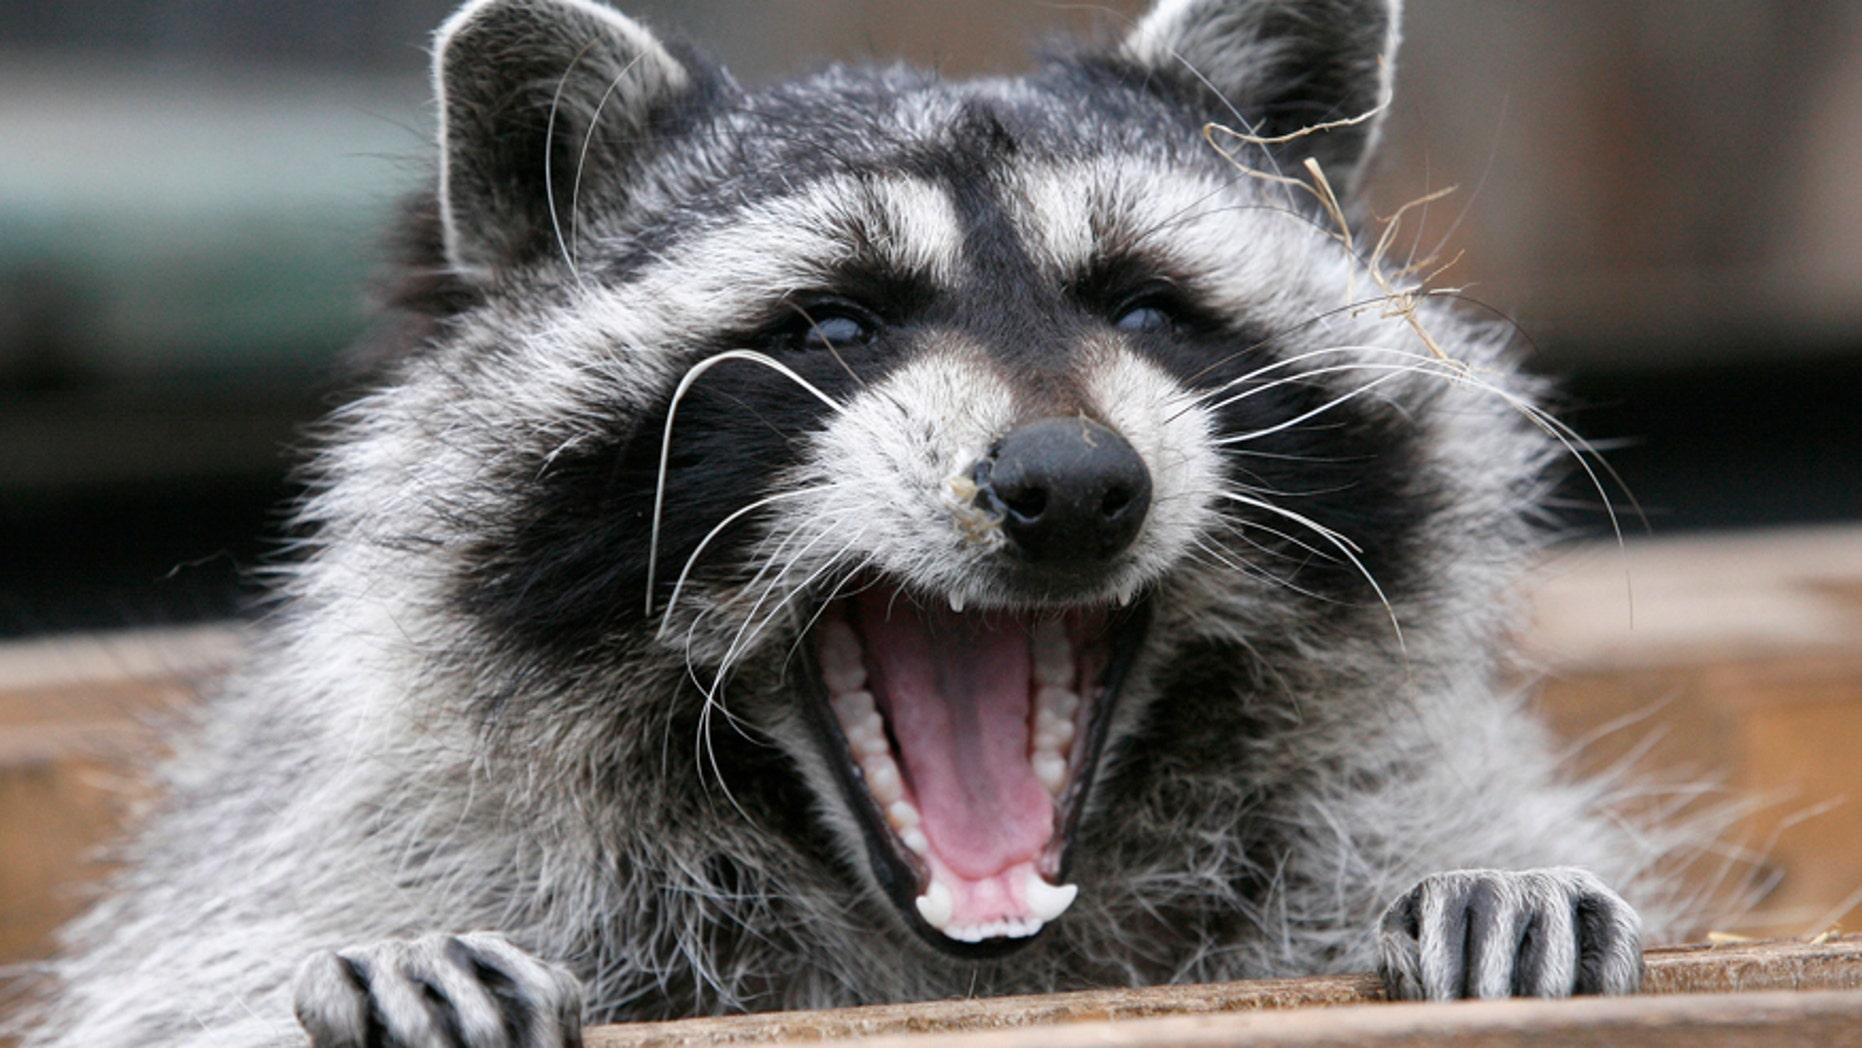 Masha, a female raccoon, yawns in her wooden refuge inside an open-air cage where she hibernates at the Royev Ruchey zoo in Krasnoyarsk, November 20, 2013.